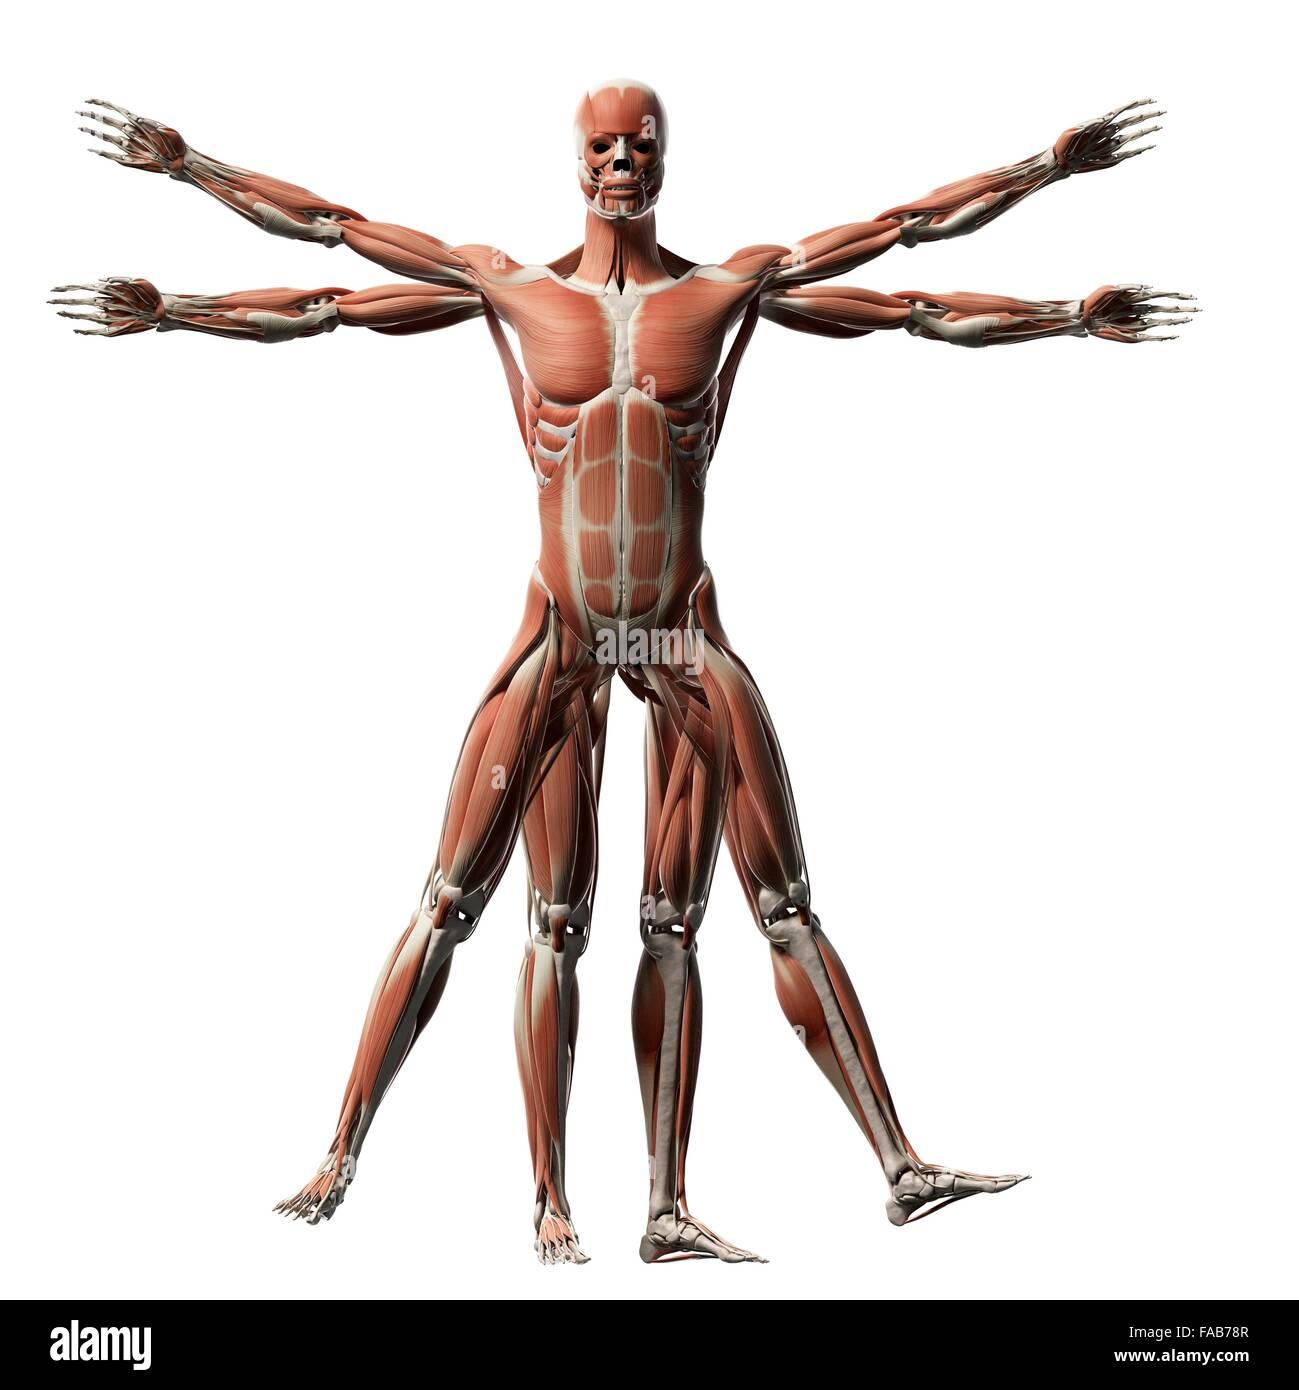 Großzügig Menschliche Anatomie Renaissance Fotos - Anatomie Ideen ...